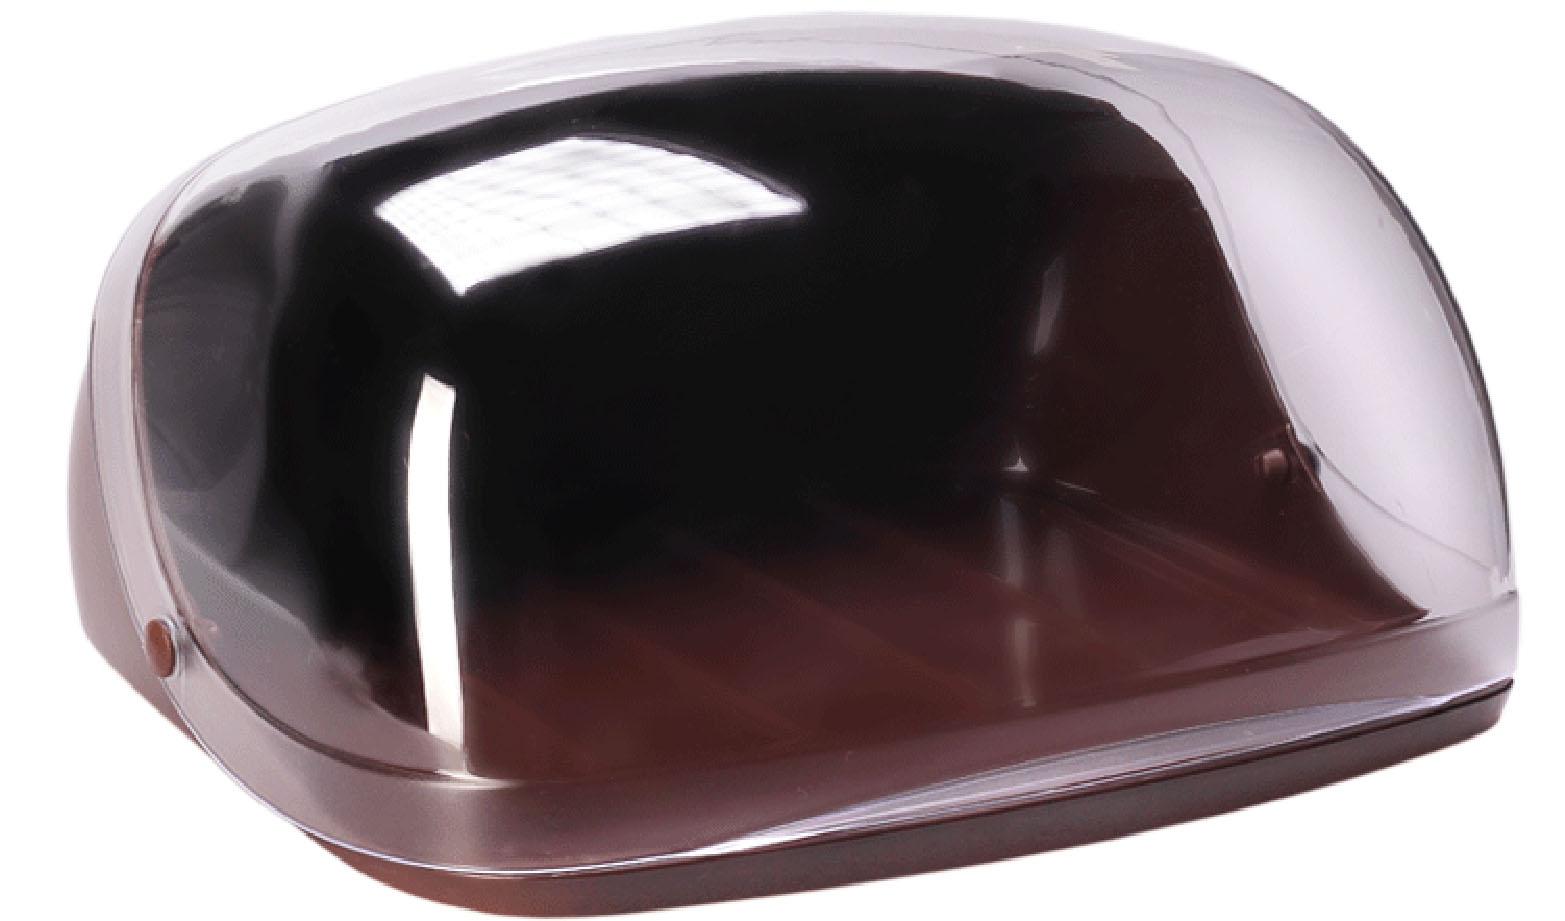 Хлебница Idea Кристалл, цвет: коричневый, прозрачный, 40 х 29 х 16 смМ 1181Хлебница Idea Кристалл, изготовленная из пищевого пластика, обеспечивает идеальные условия хранения для различных видов хлебобулочных изделий, надолго сохраняя их свежесть. Изделие оснащено плотно закрывающейся крышкой, защищающей продукты от воздействия внешних факторов (запахов и влаги). Вместительность, функциональность и стильный дизайн позволят хлебнице стать не только незаменимым аксессуаром на кухне, но и предметом украшения интерьера. В ней хлеб всегда останется свежим и вкусным.